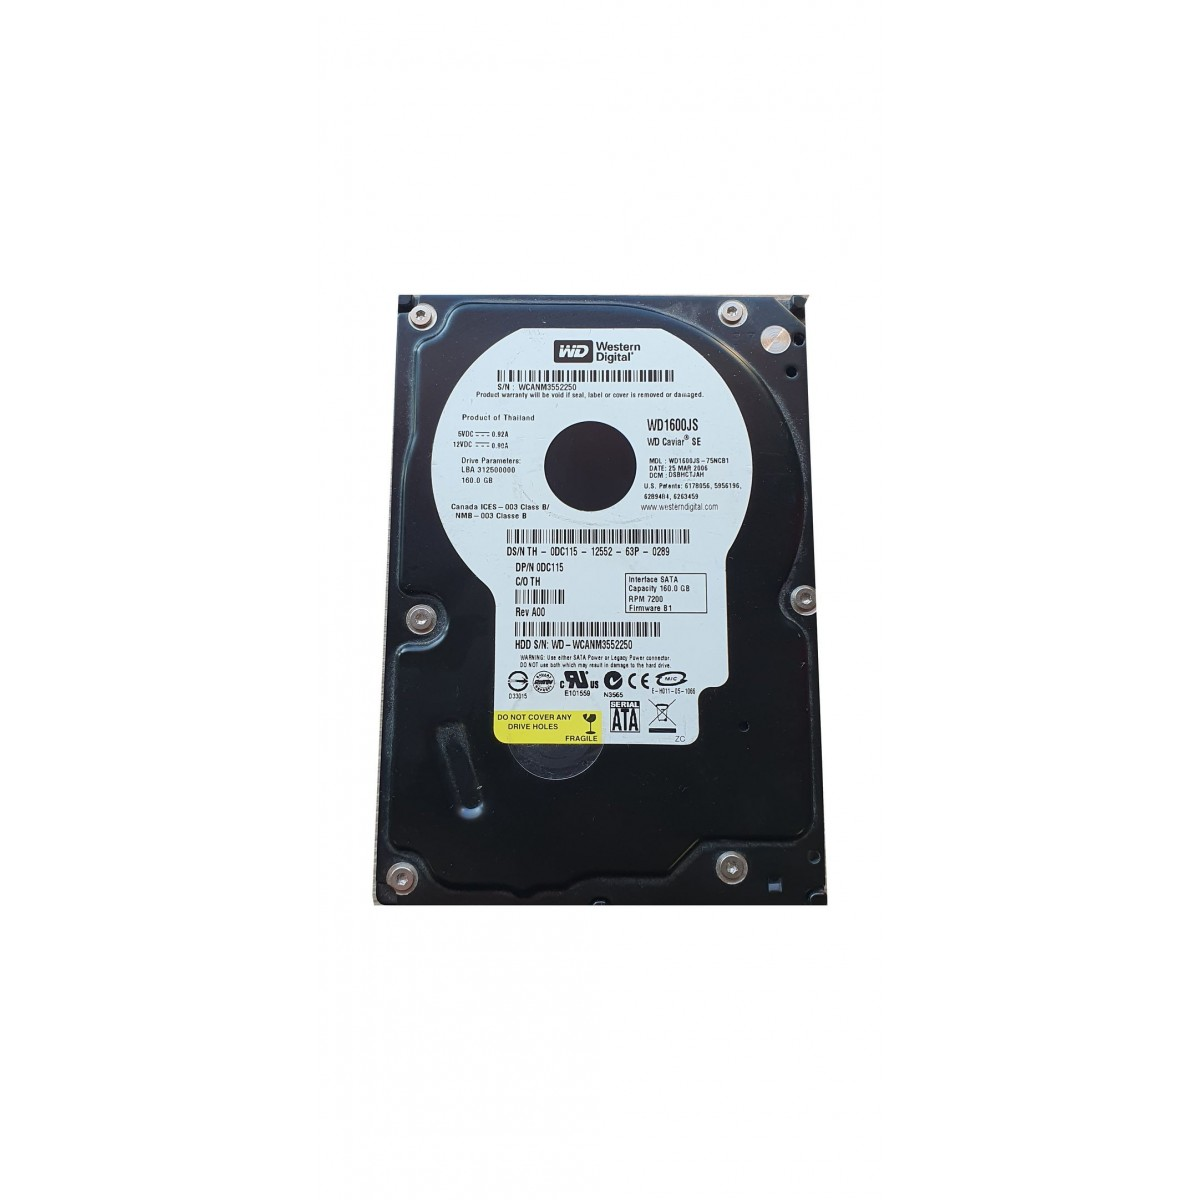 DELL XPS 8700 i7 4770 8GB 1TB HD7570 WIN10 PRO